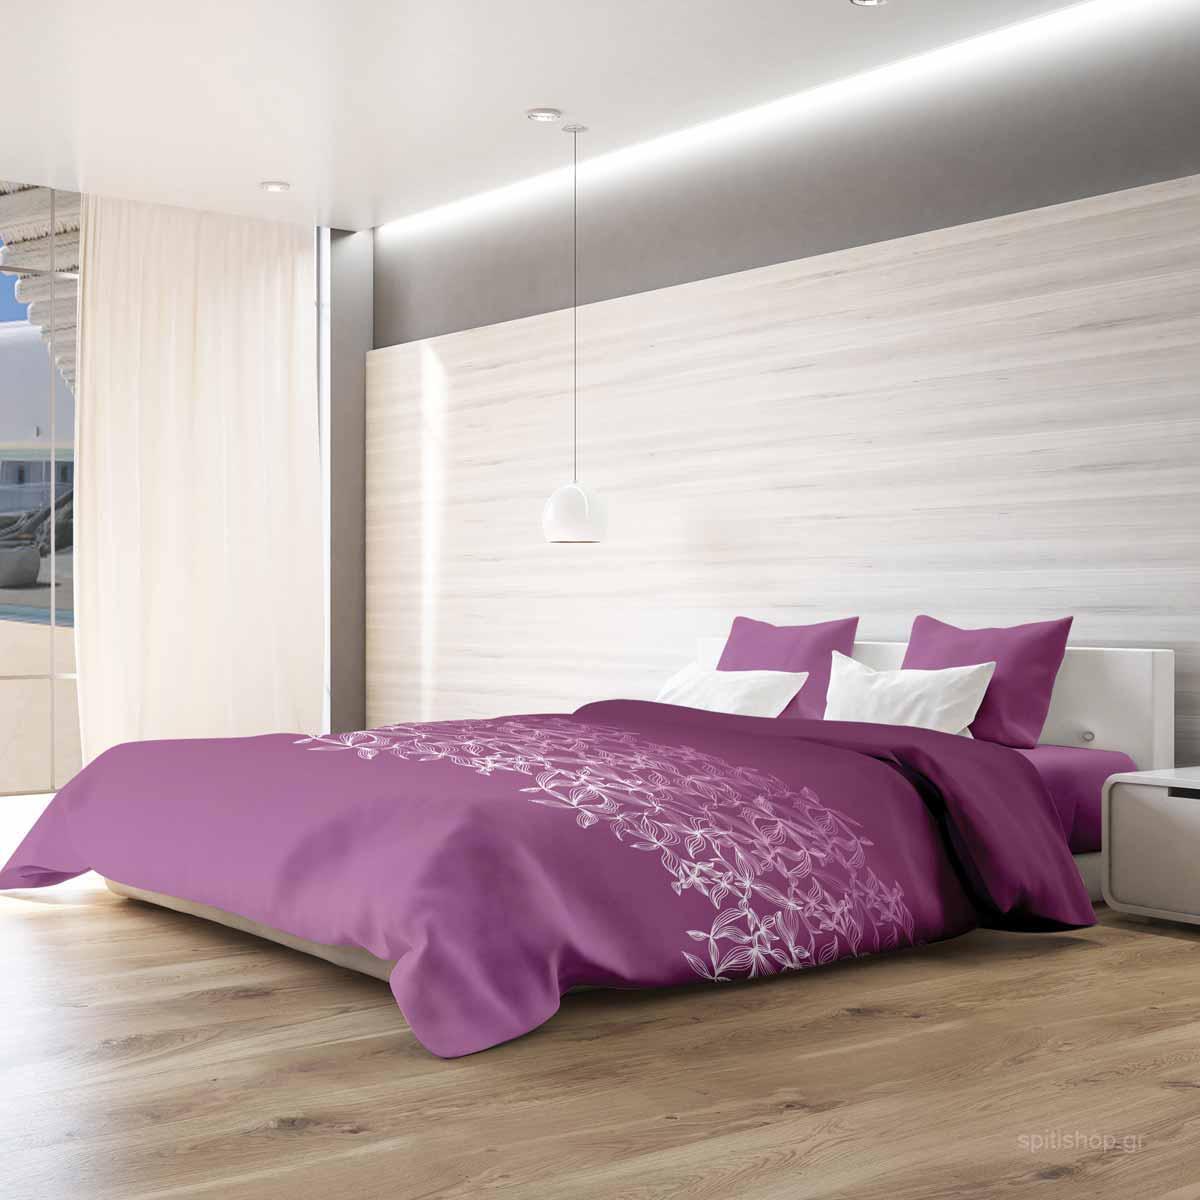 Σεντόνια Υπέρδιπλα (Σετ) Makis Tselios Toscana Pink ΧΩΡΙΣ ΛΑΣΤΙΧΟ 240×260 ΧΩΡΙΣ ΛΑΣΤΙΧΟ 240×260